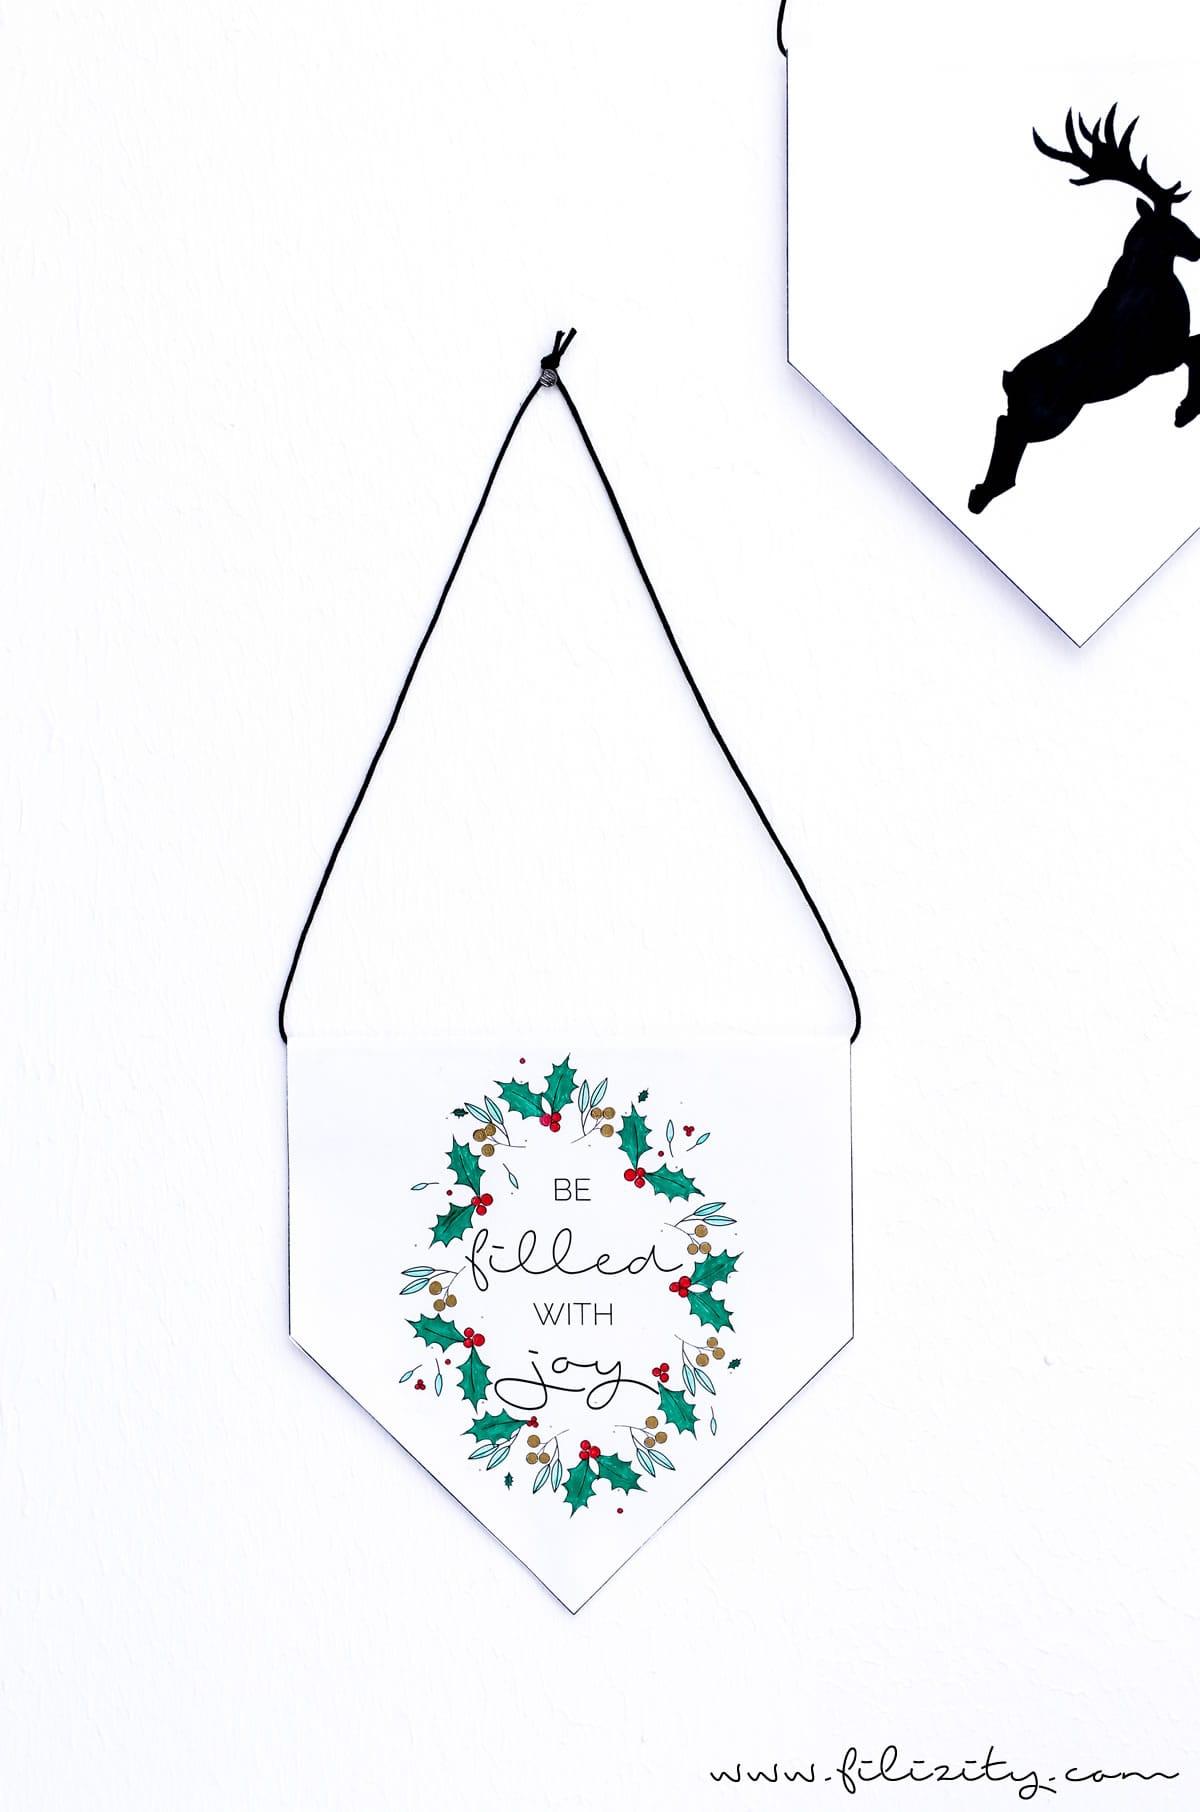 DIY Weihnachtsdeko (Wimpel & Bilder) und Geschenk-Anhänger – Printables zum Ausmalen mit PILOT Pen | Filizity.com | DIY-Blog aus dem Rheinland #pilot #pilotkreativ #pilotpen #printable #weihnachten